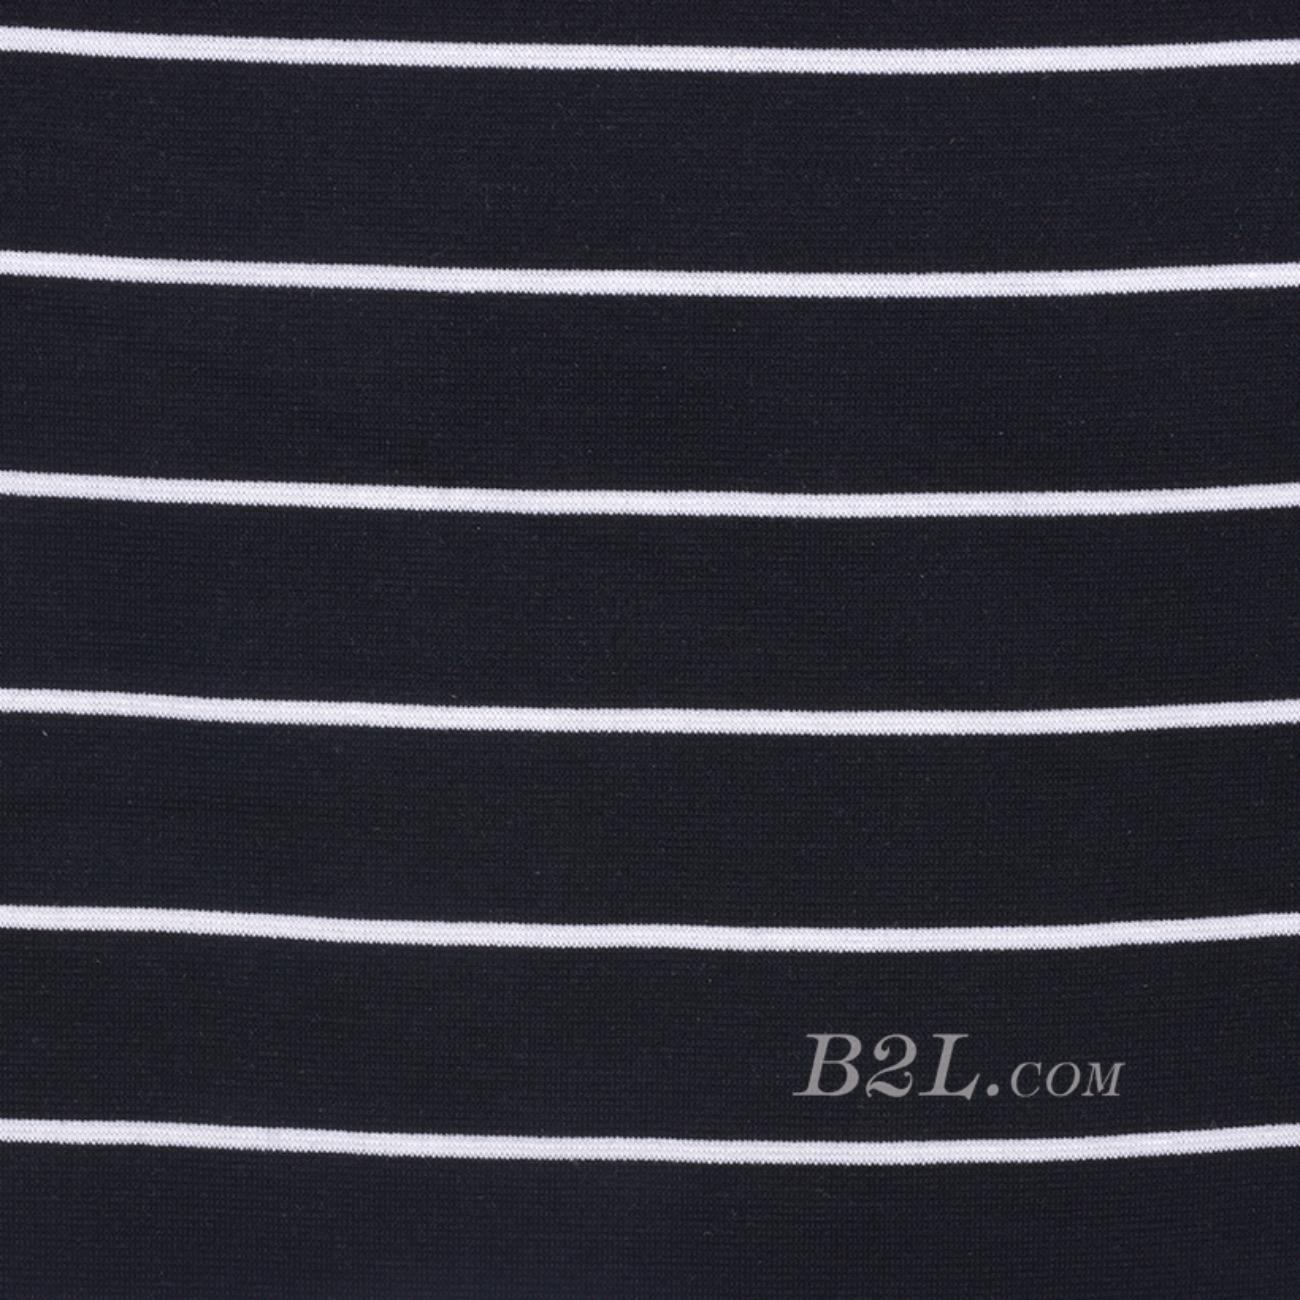 条子 横条 圆机 针织 纬编 棉感 弹力 T恤 针织衫 连衣裙 80131-5